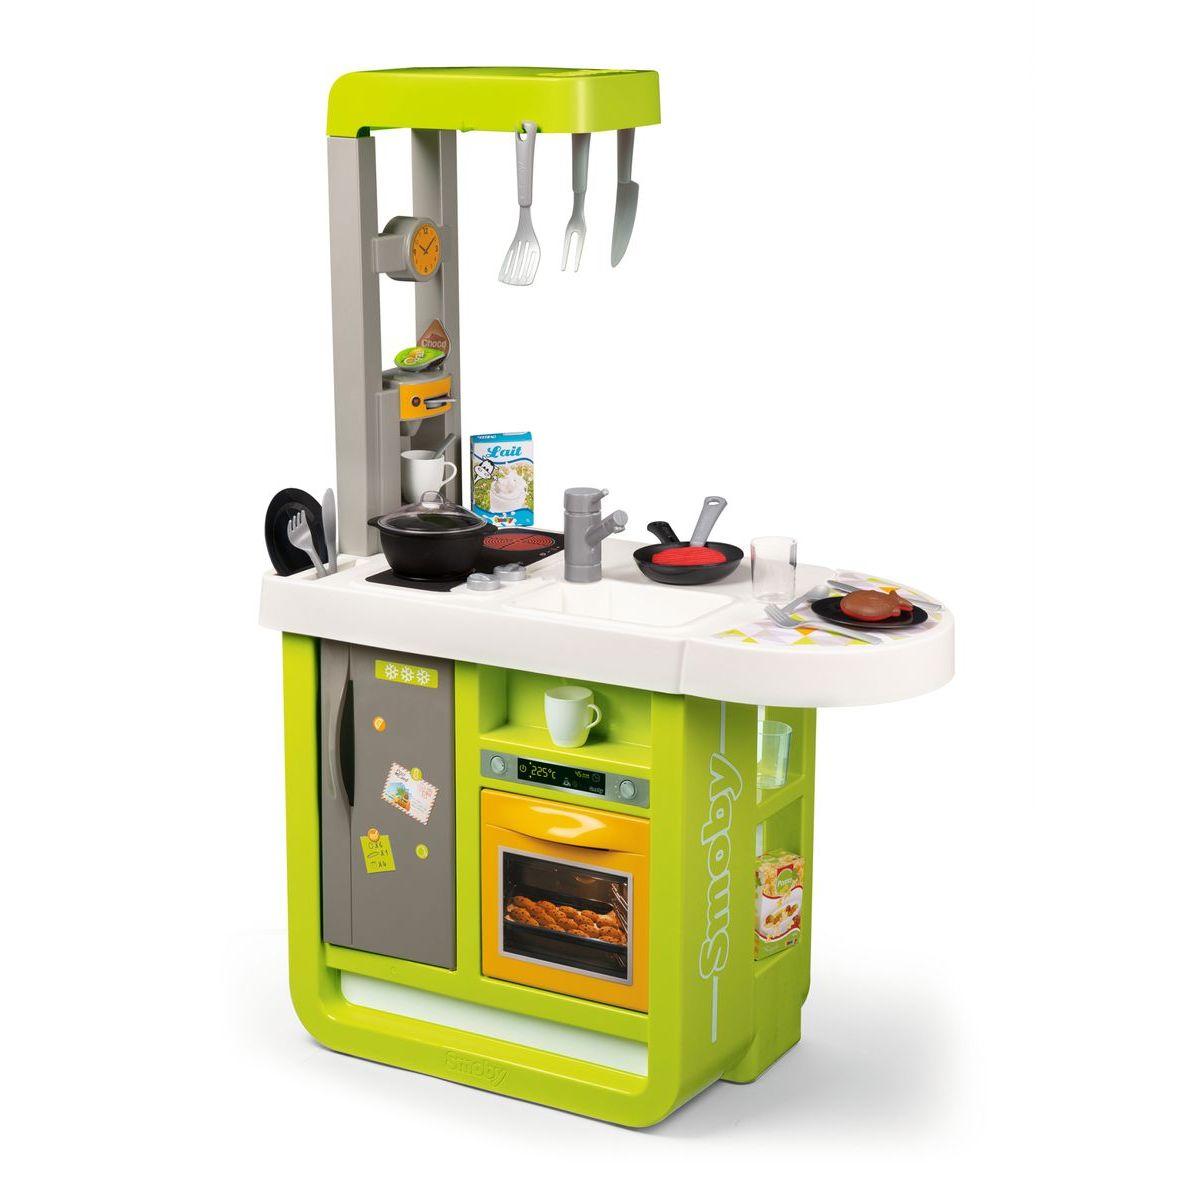 Smoby Kuchynka Bon Appetit Cherry zeleno-žltá elektronická